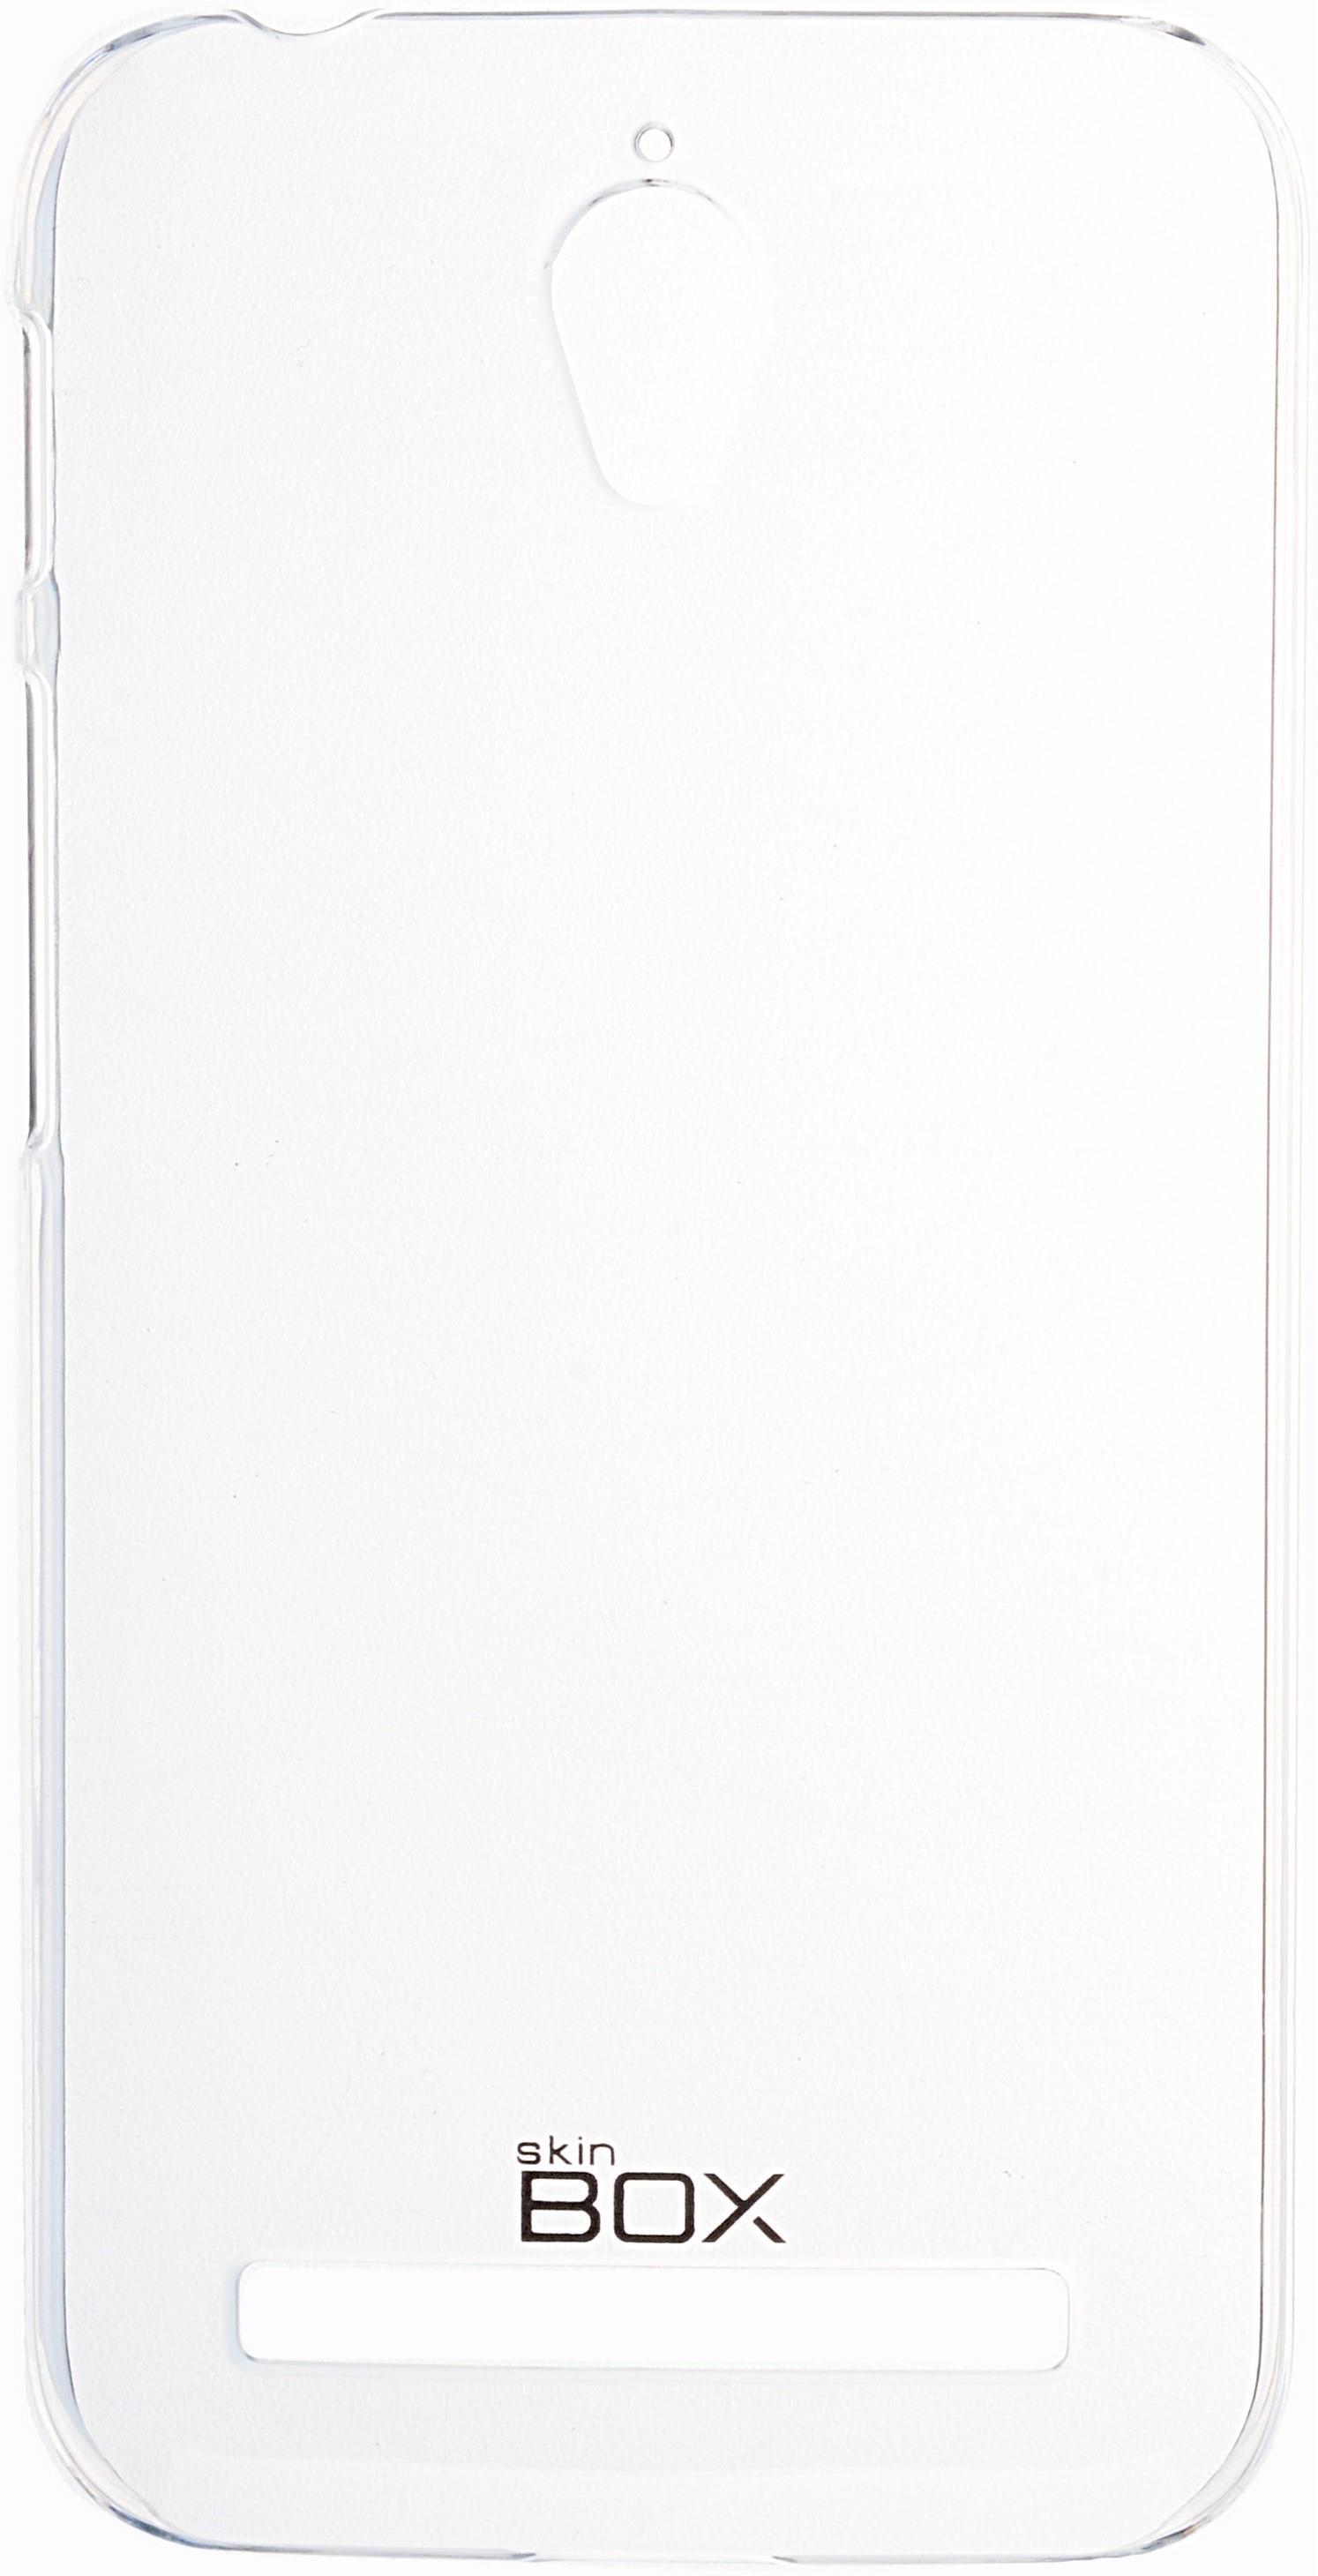 Чехол для сотового телефона skinBOX Crystal, 4630042527966, прозрачный чехол для сотового телефона skinbox crystal 4630042528109 прозрачный